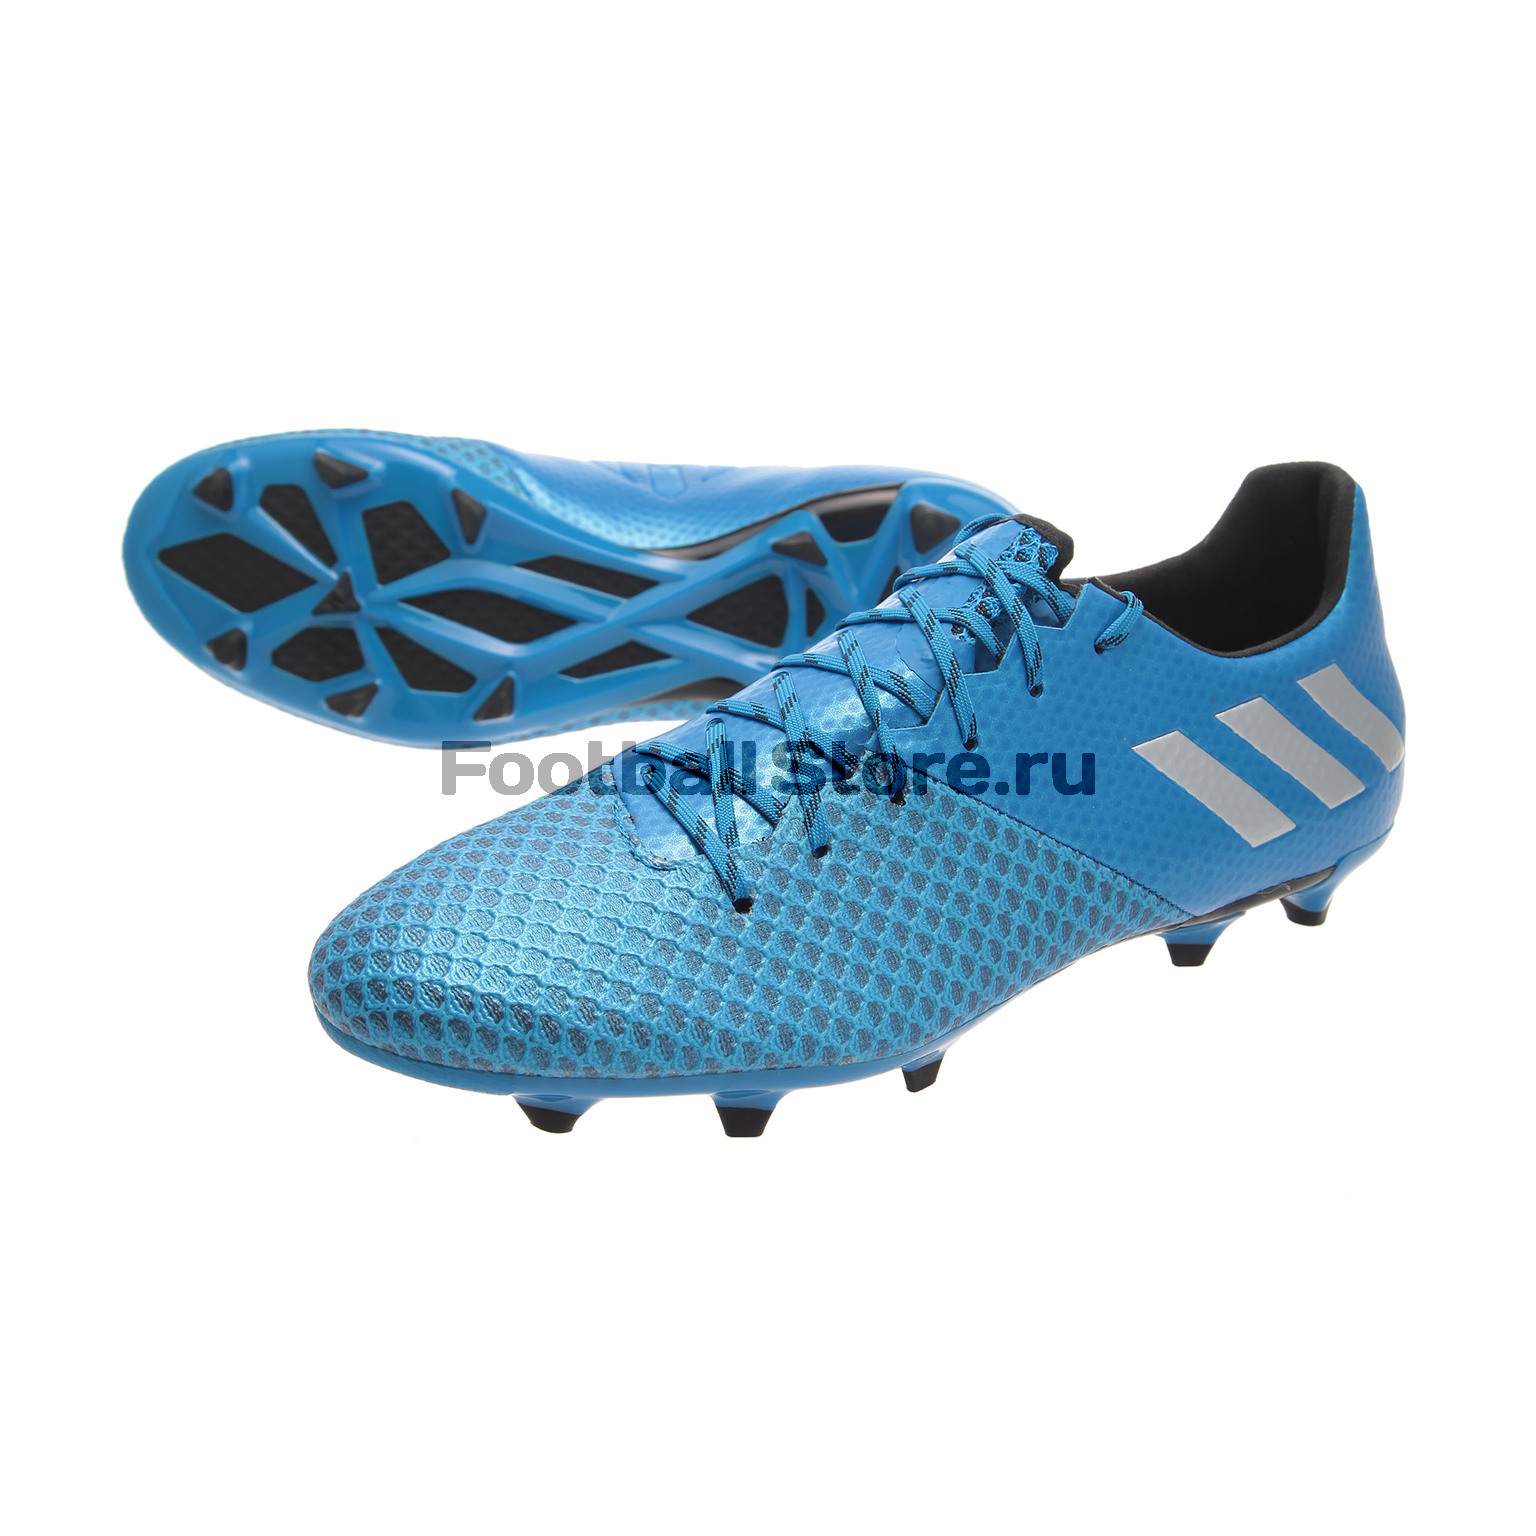 Бутсы Adidas Messi 16.2 FG AQ3111 бутсы adidas бутсы